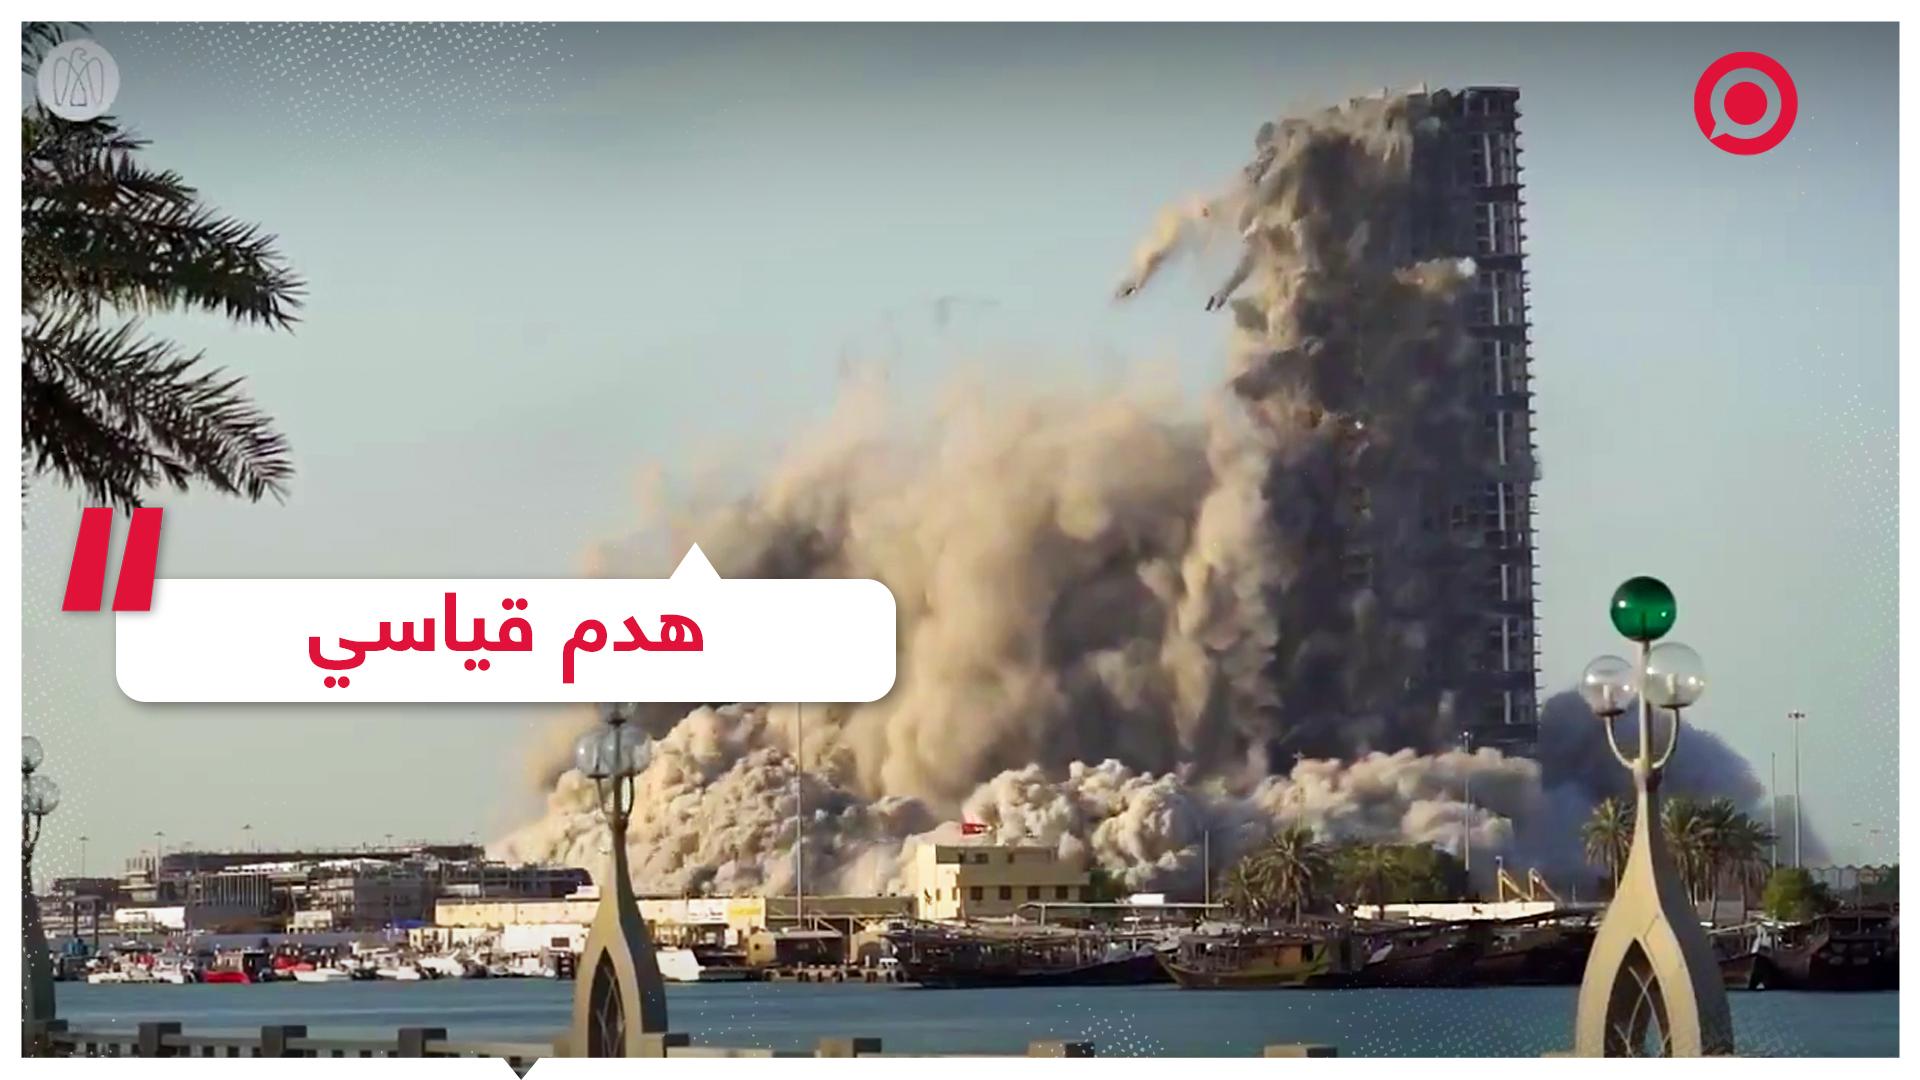 الإمارات - أبو ظبي - عقارات